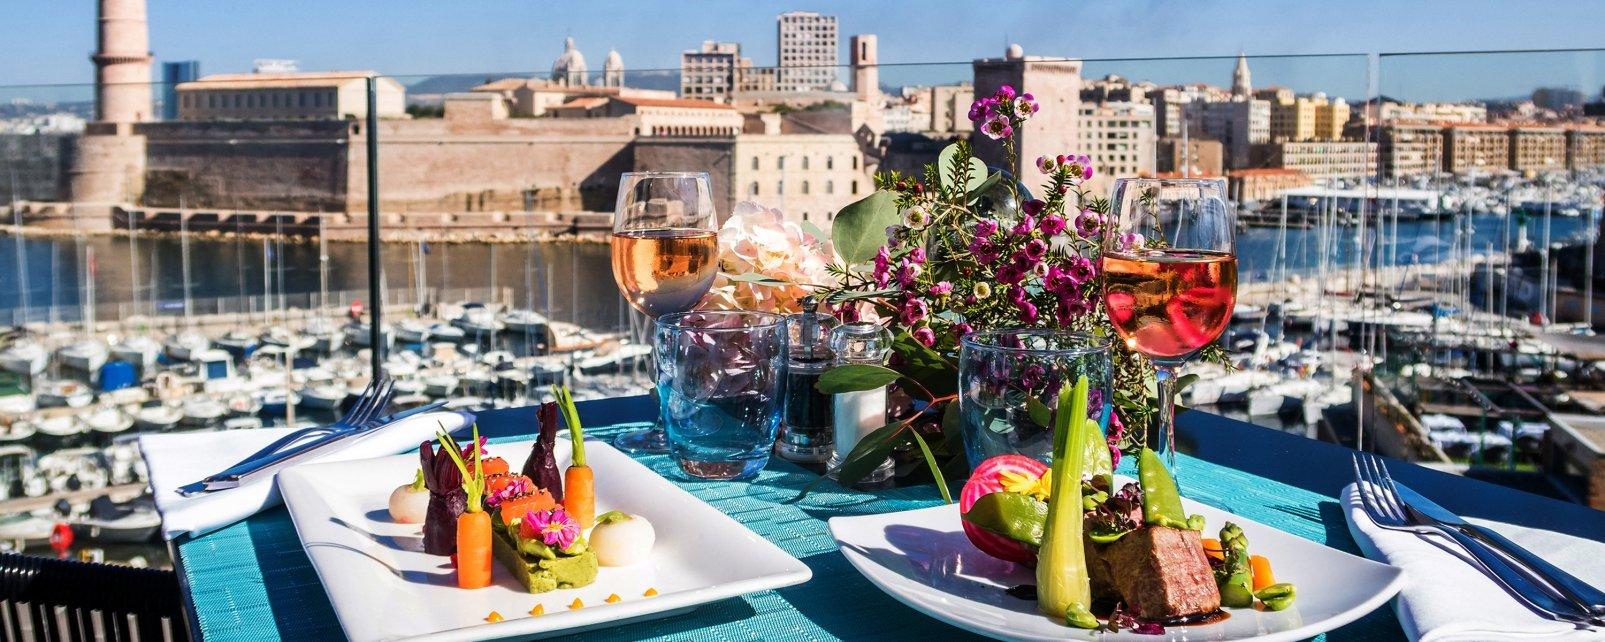 Hotel Sofitel Marseille Vieux-Port